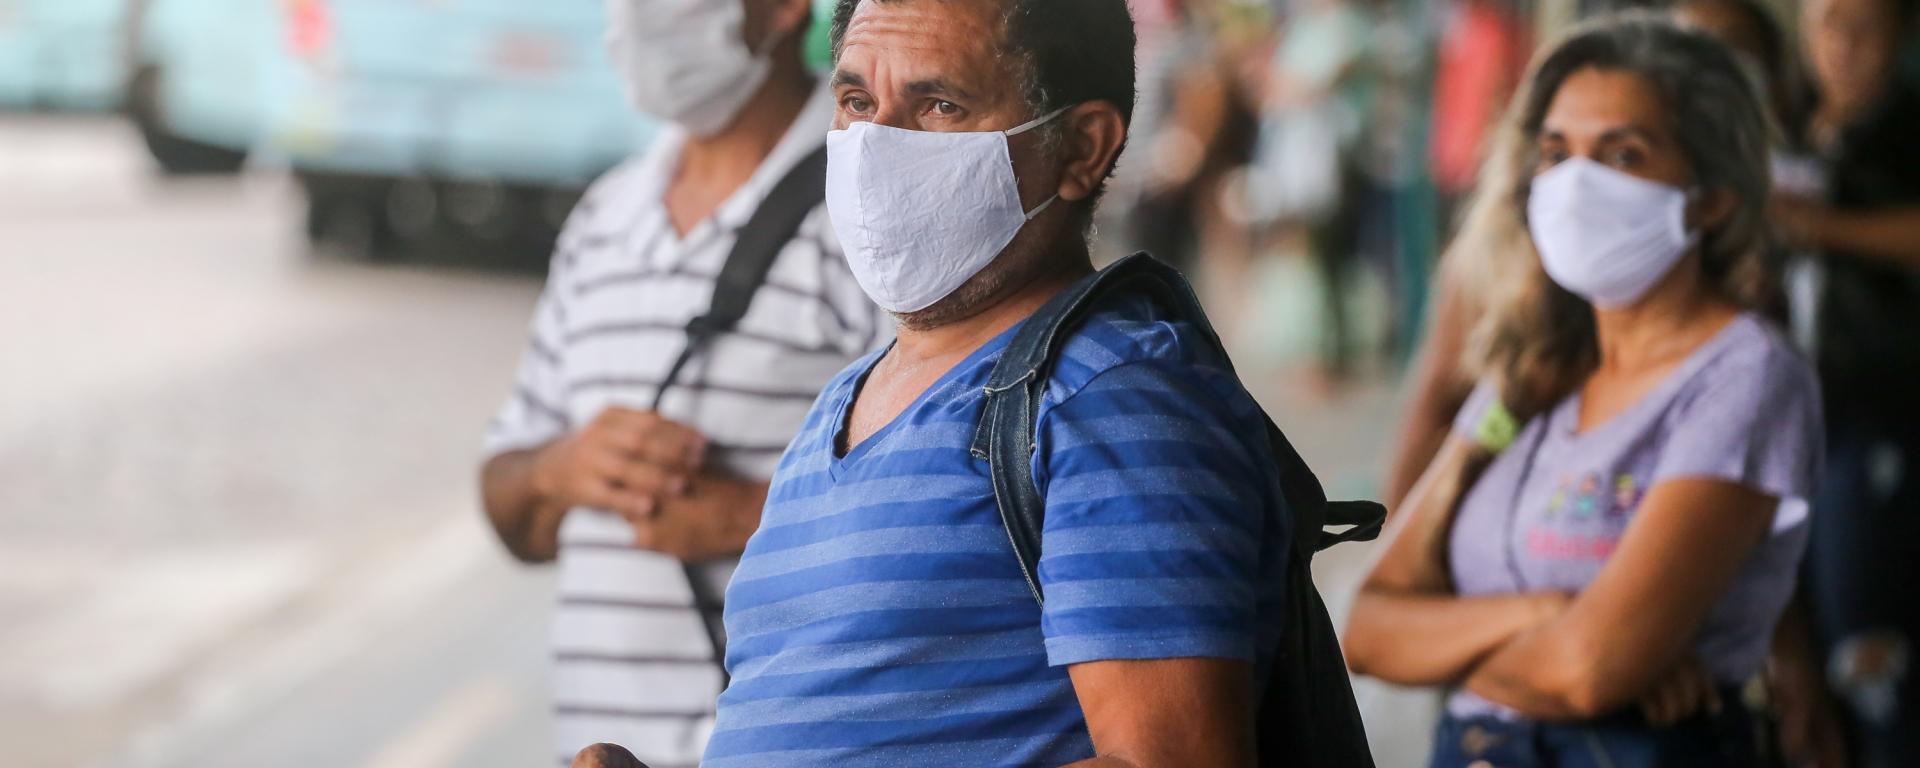 Pandemia: confira as principais restrições em Fortaleza a partir de sexta-feira (8)